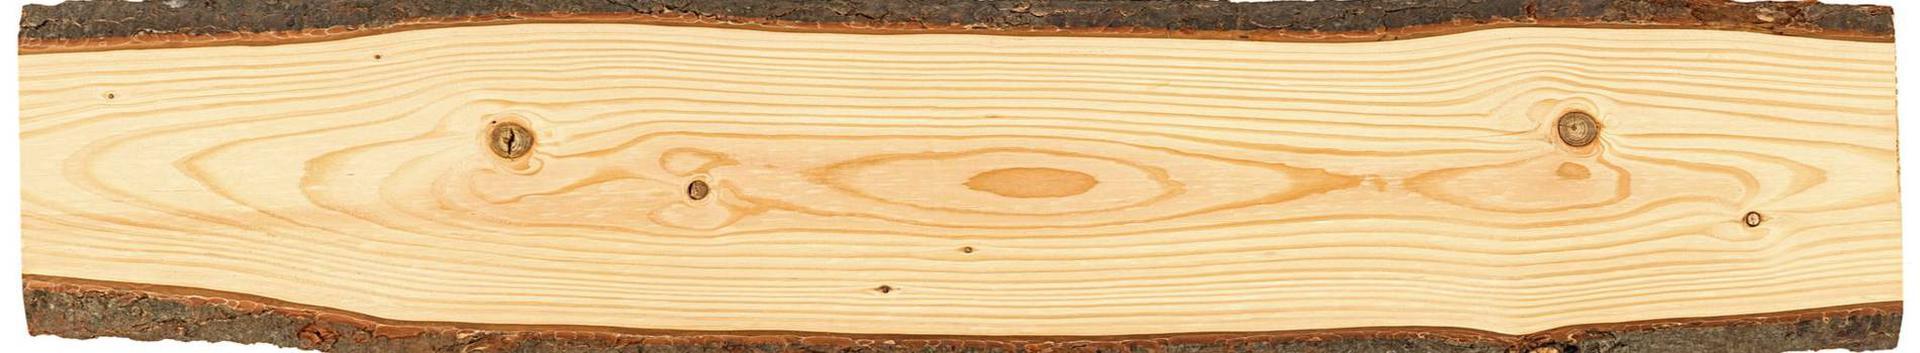 puidu- ja paberitööstus, puidutööstus, saeveskid, Elektrijaotusseadmed ja juhtaparatuur, Mitmesugused üld- ja eriotstarbelised masinad